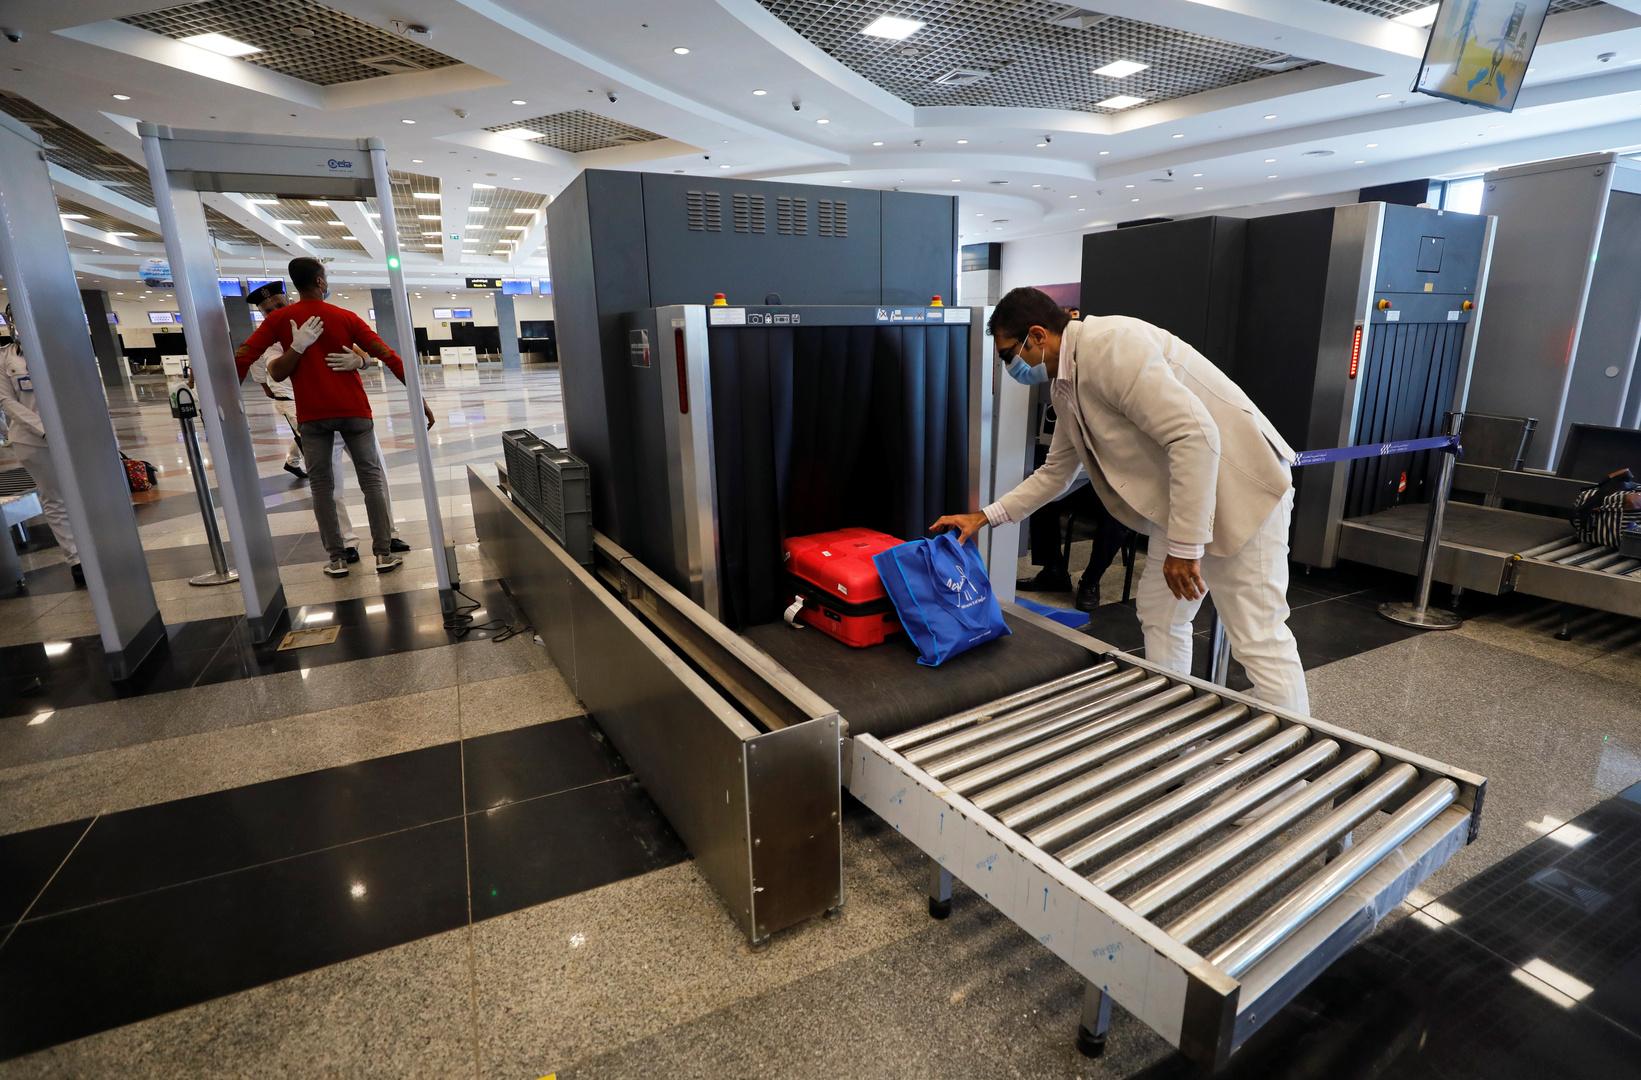 وفد إسرائيلي يزور القاهرة لبحث تسيير رحلات مباشرة إلى شرم الشيخ